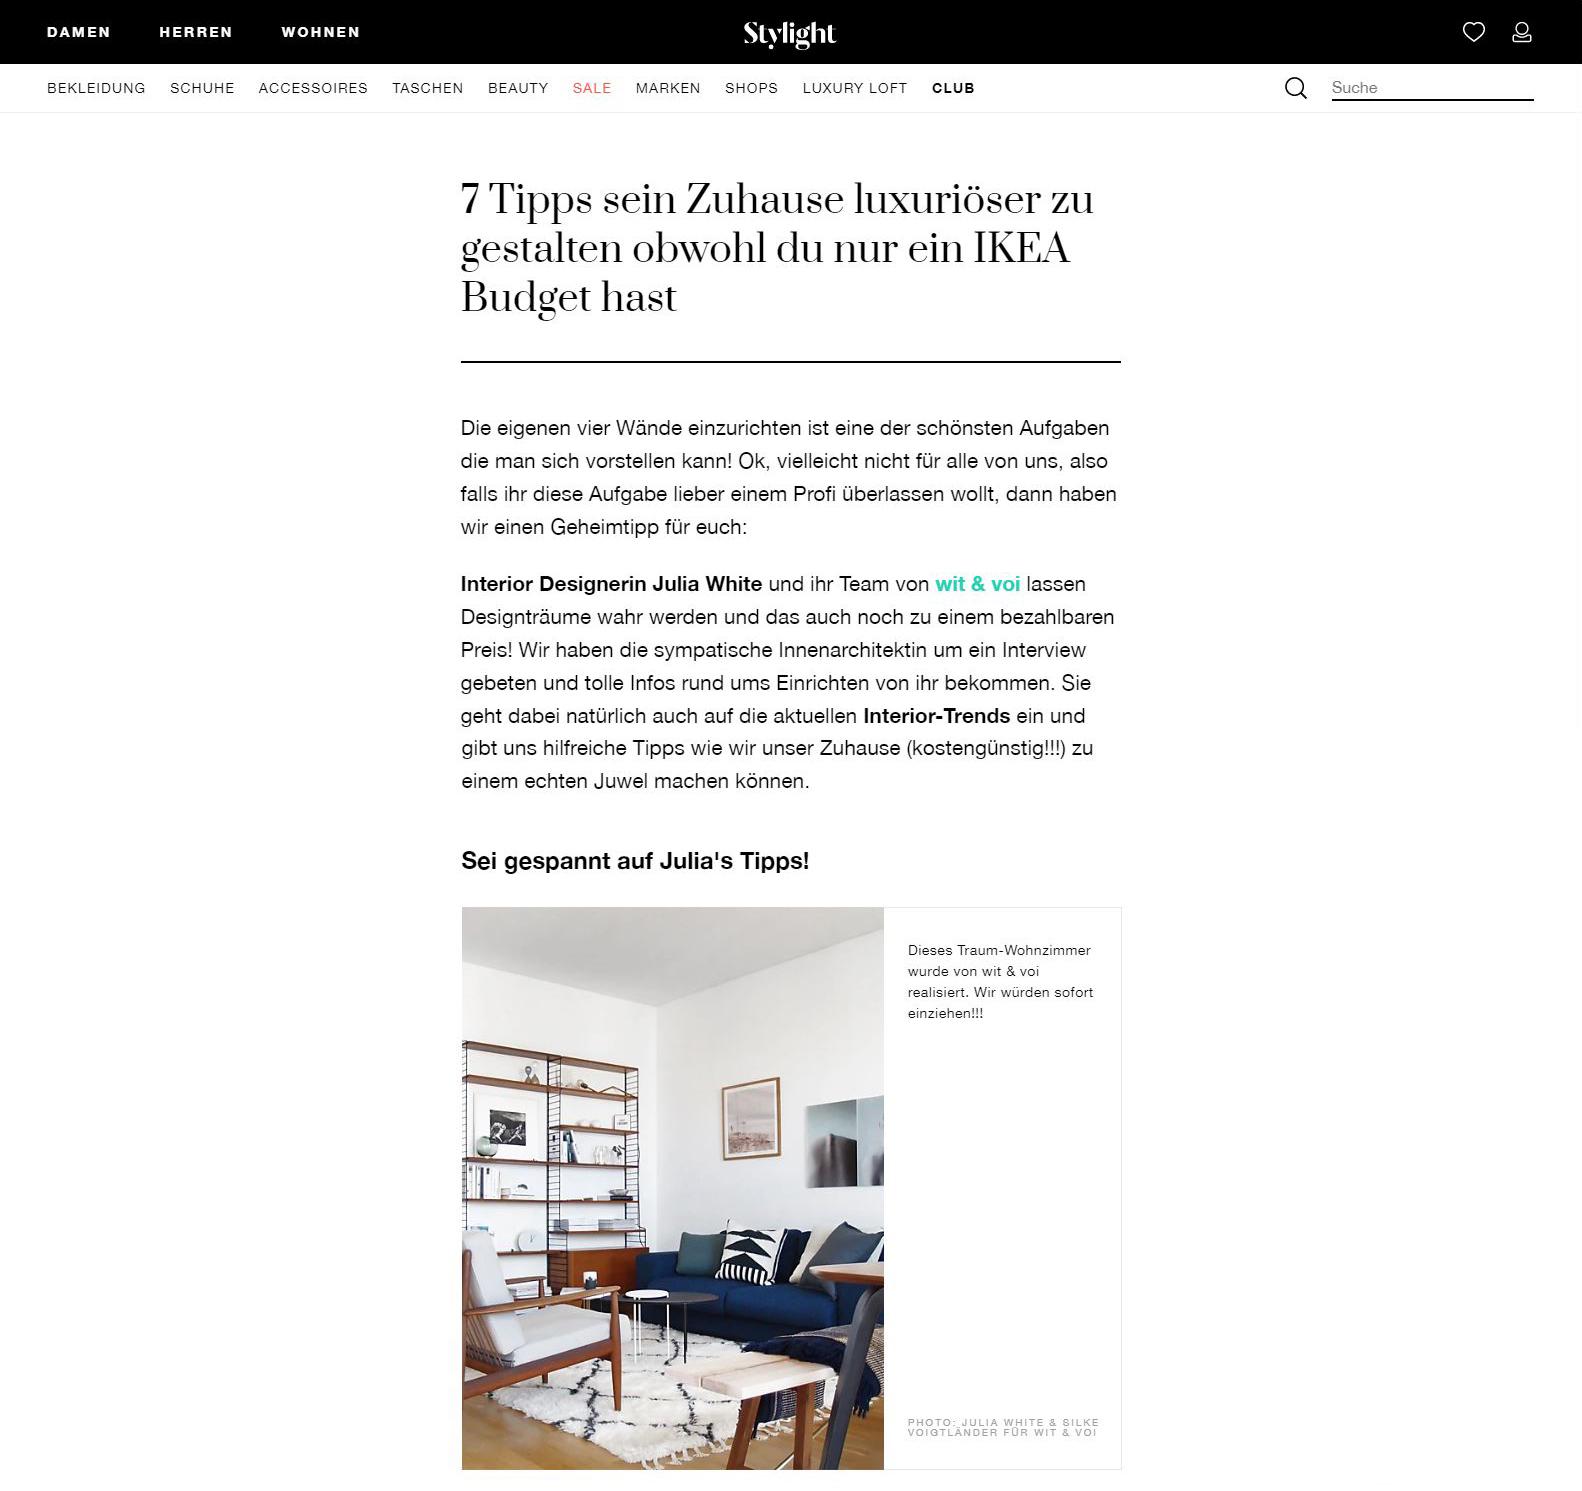 Stylight Interview - 7 Tipps sein Zuhause luxuriöser zu gestalten